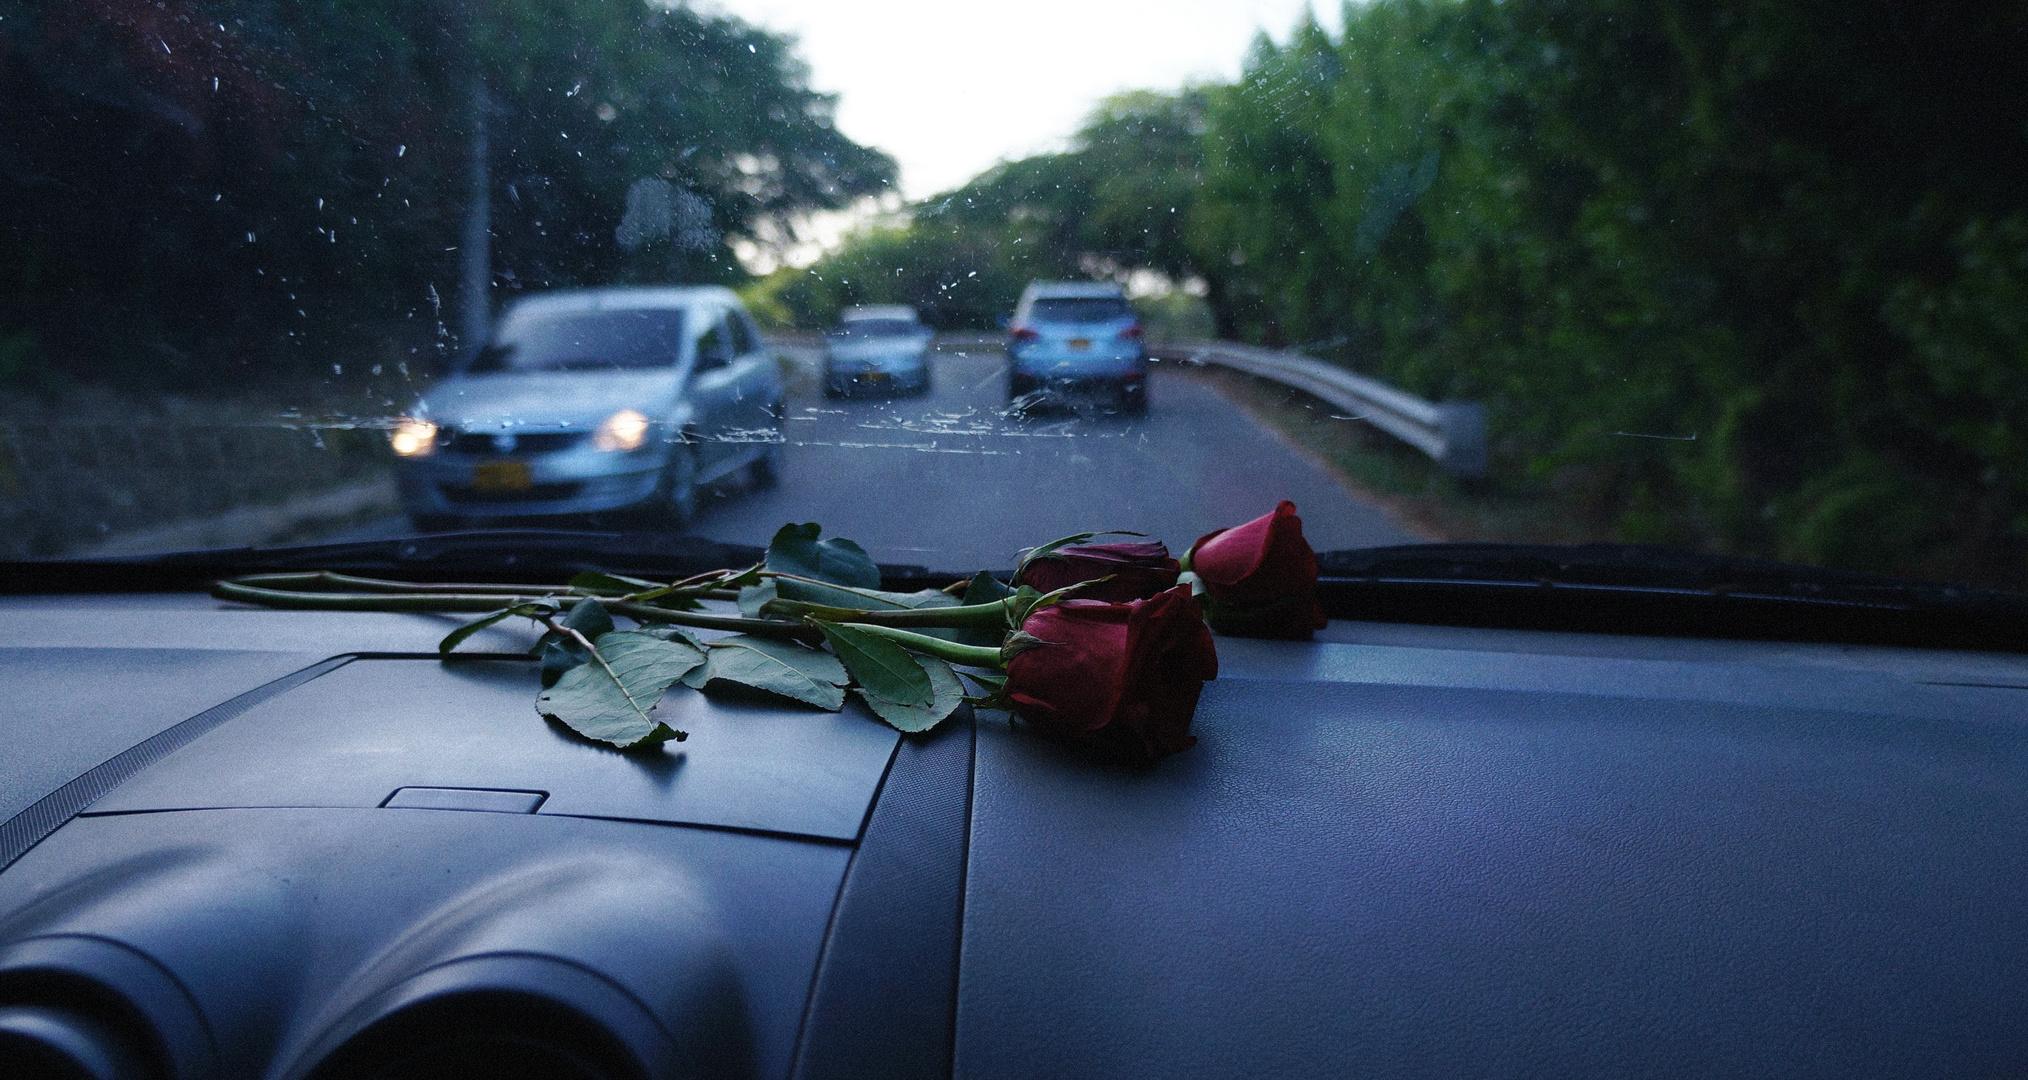 roses for the scene